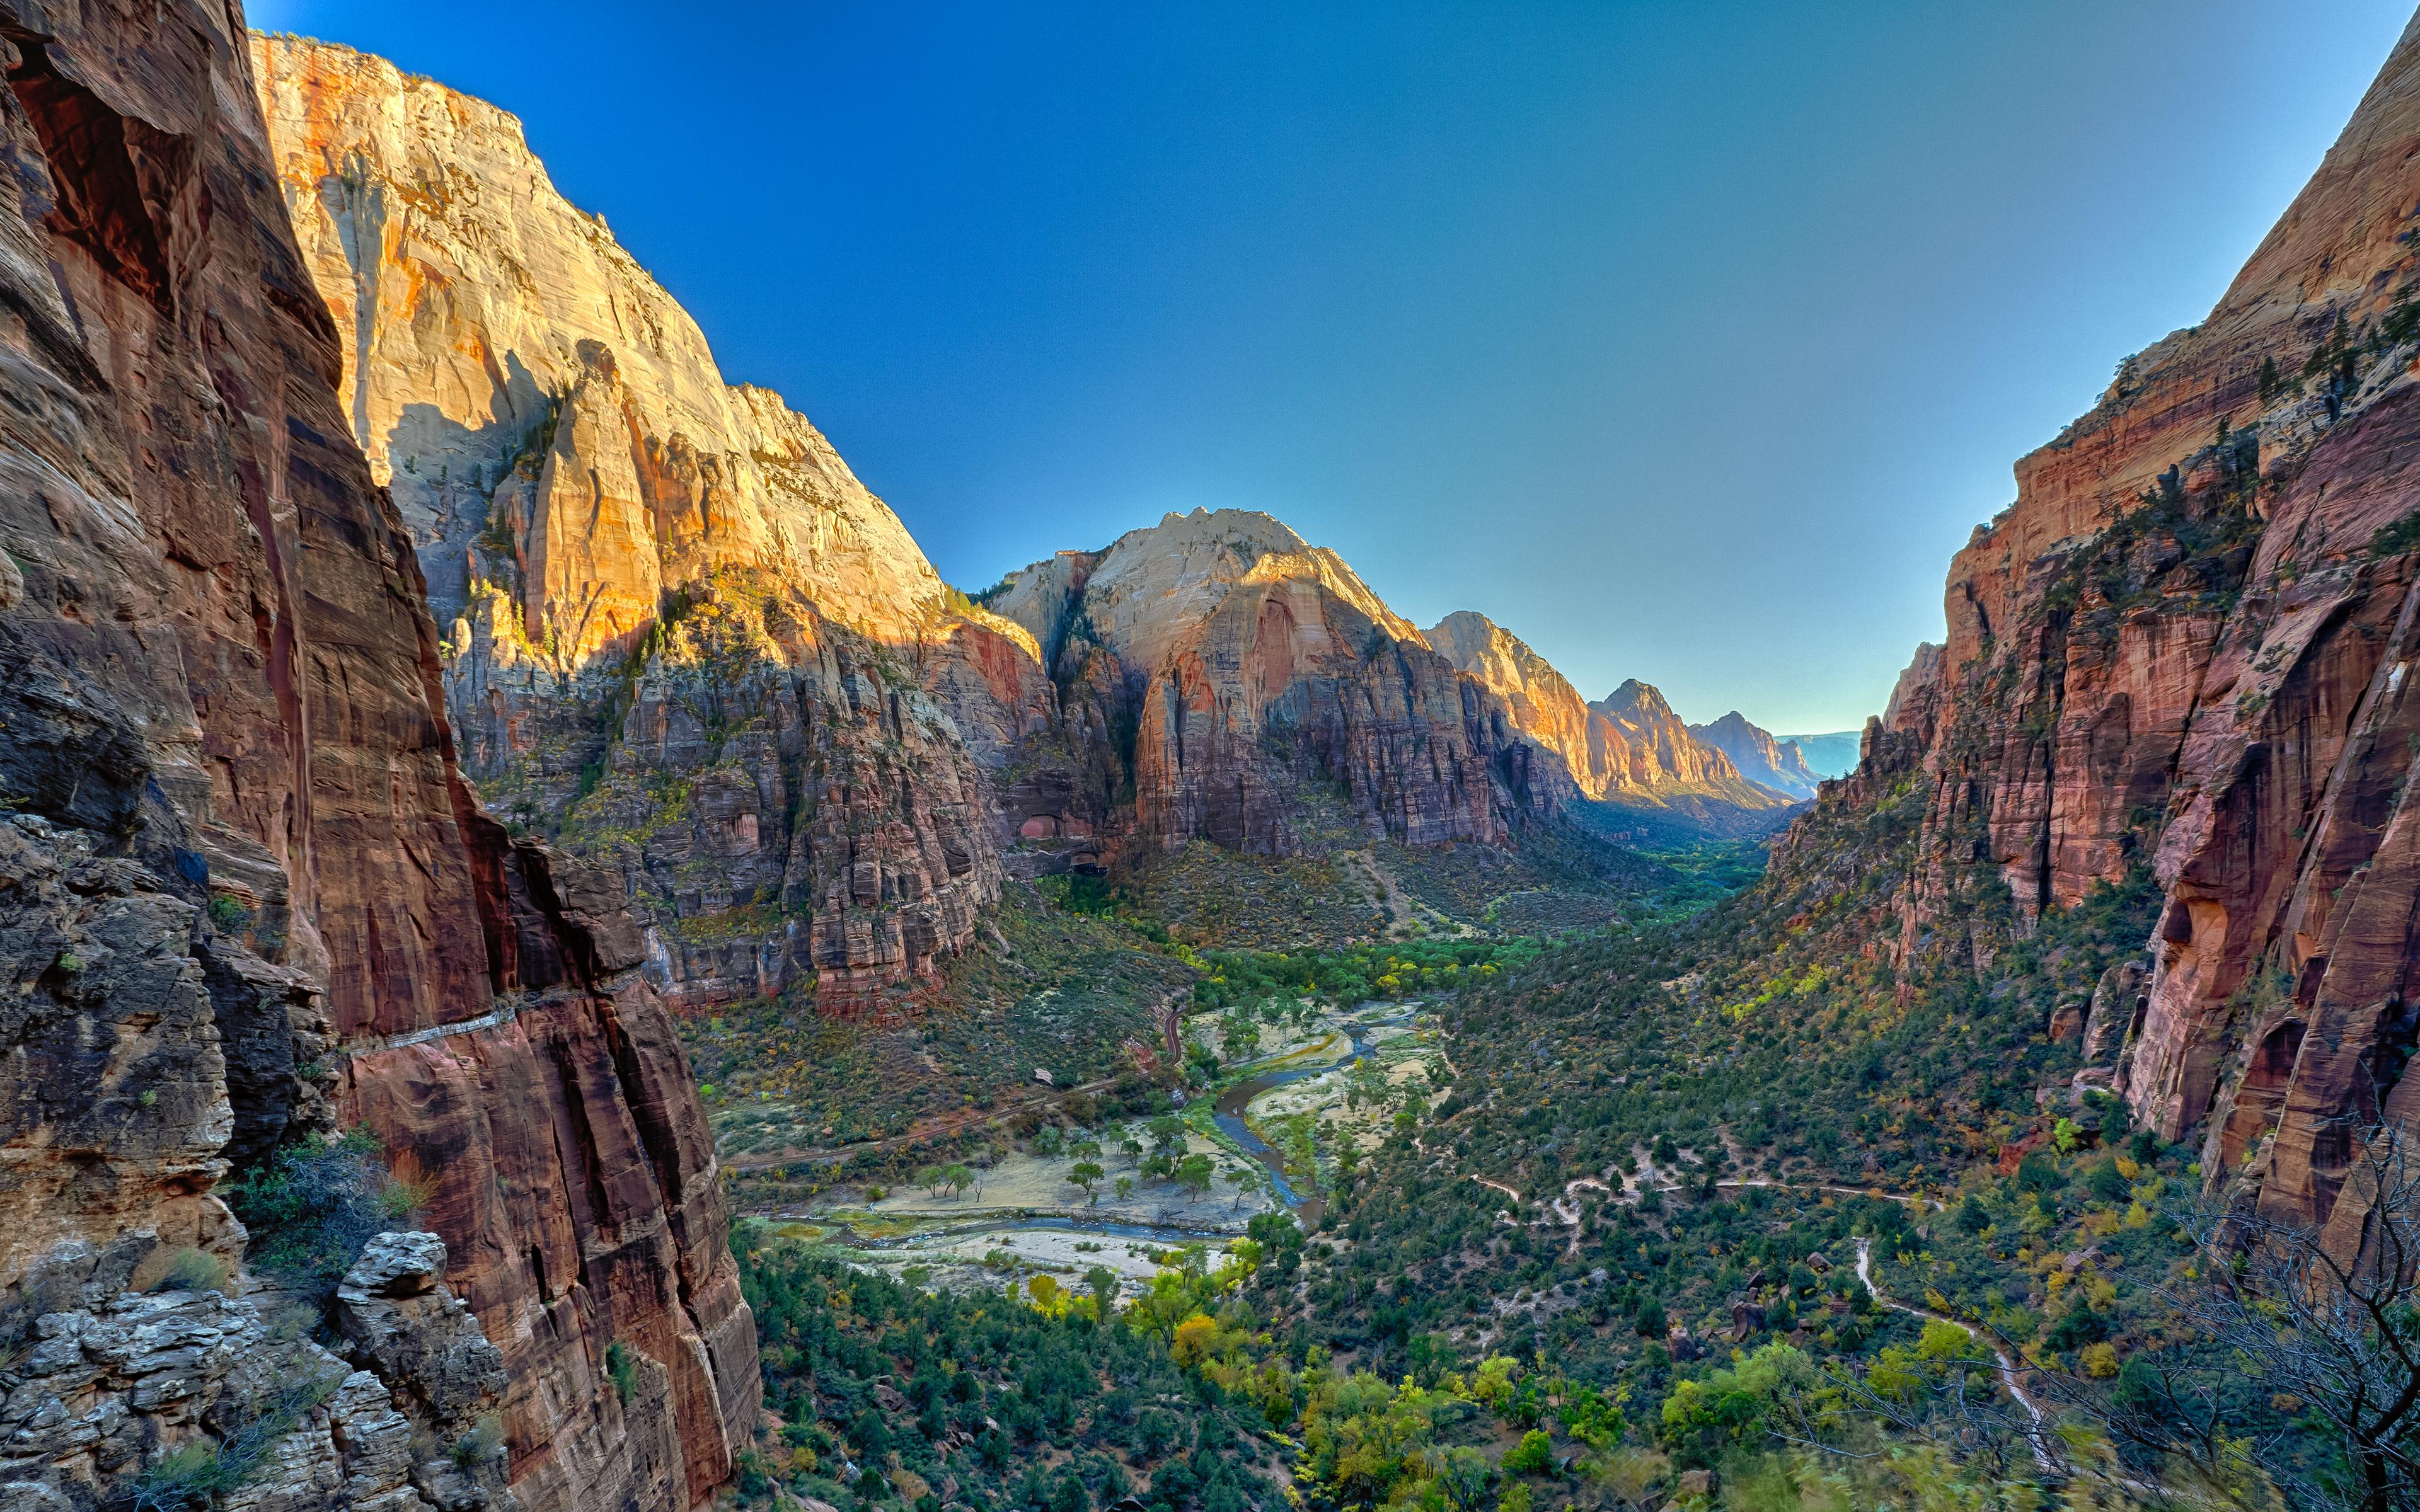 природа река горы скалы деревья облака  № 3796755 загрузить